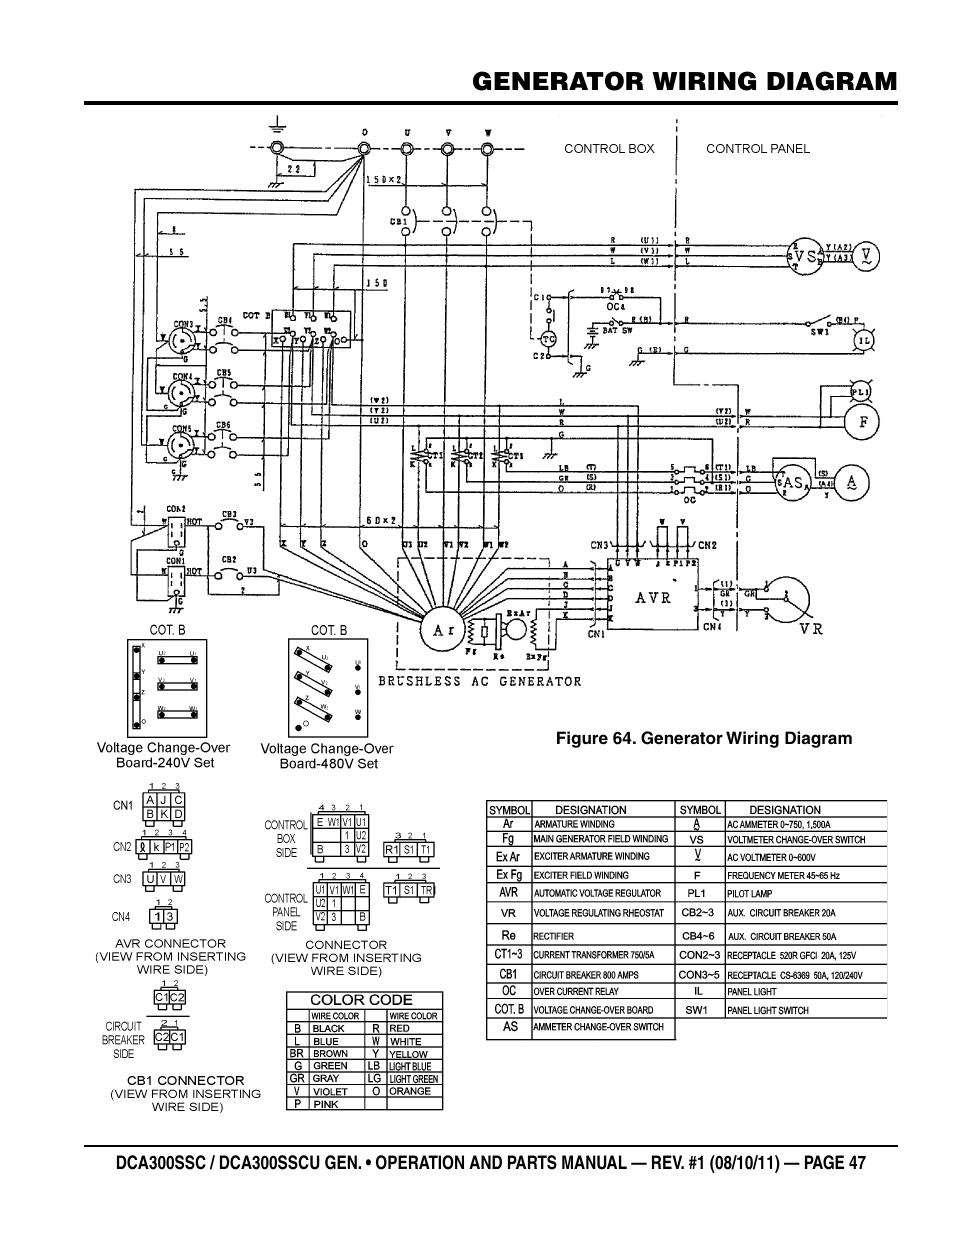 hight resolution of generator wiring diagram multiquip whisperwatt series 60hz generator cummins qsl9 g3 diesel engine